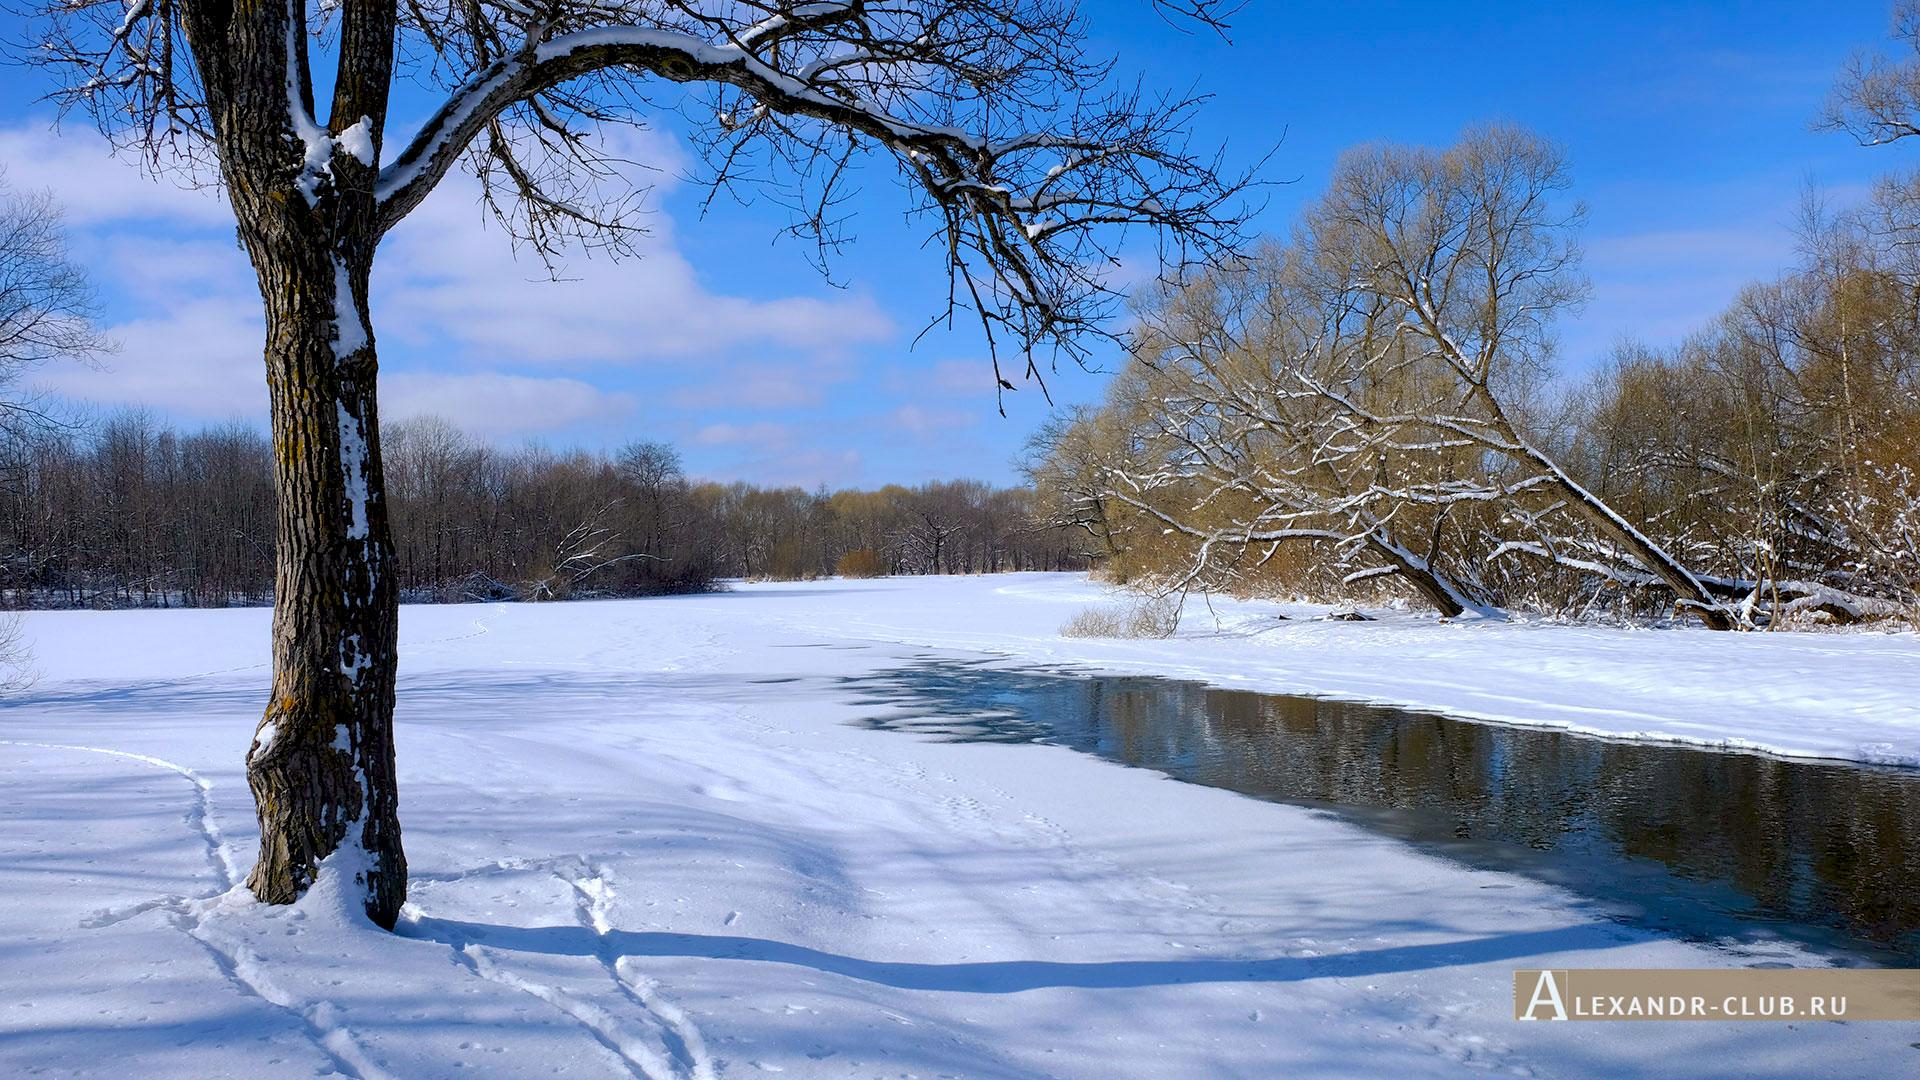 Петергоф, Луговой парк, зима, Орлинский пруд – 4